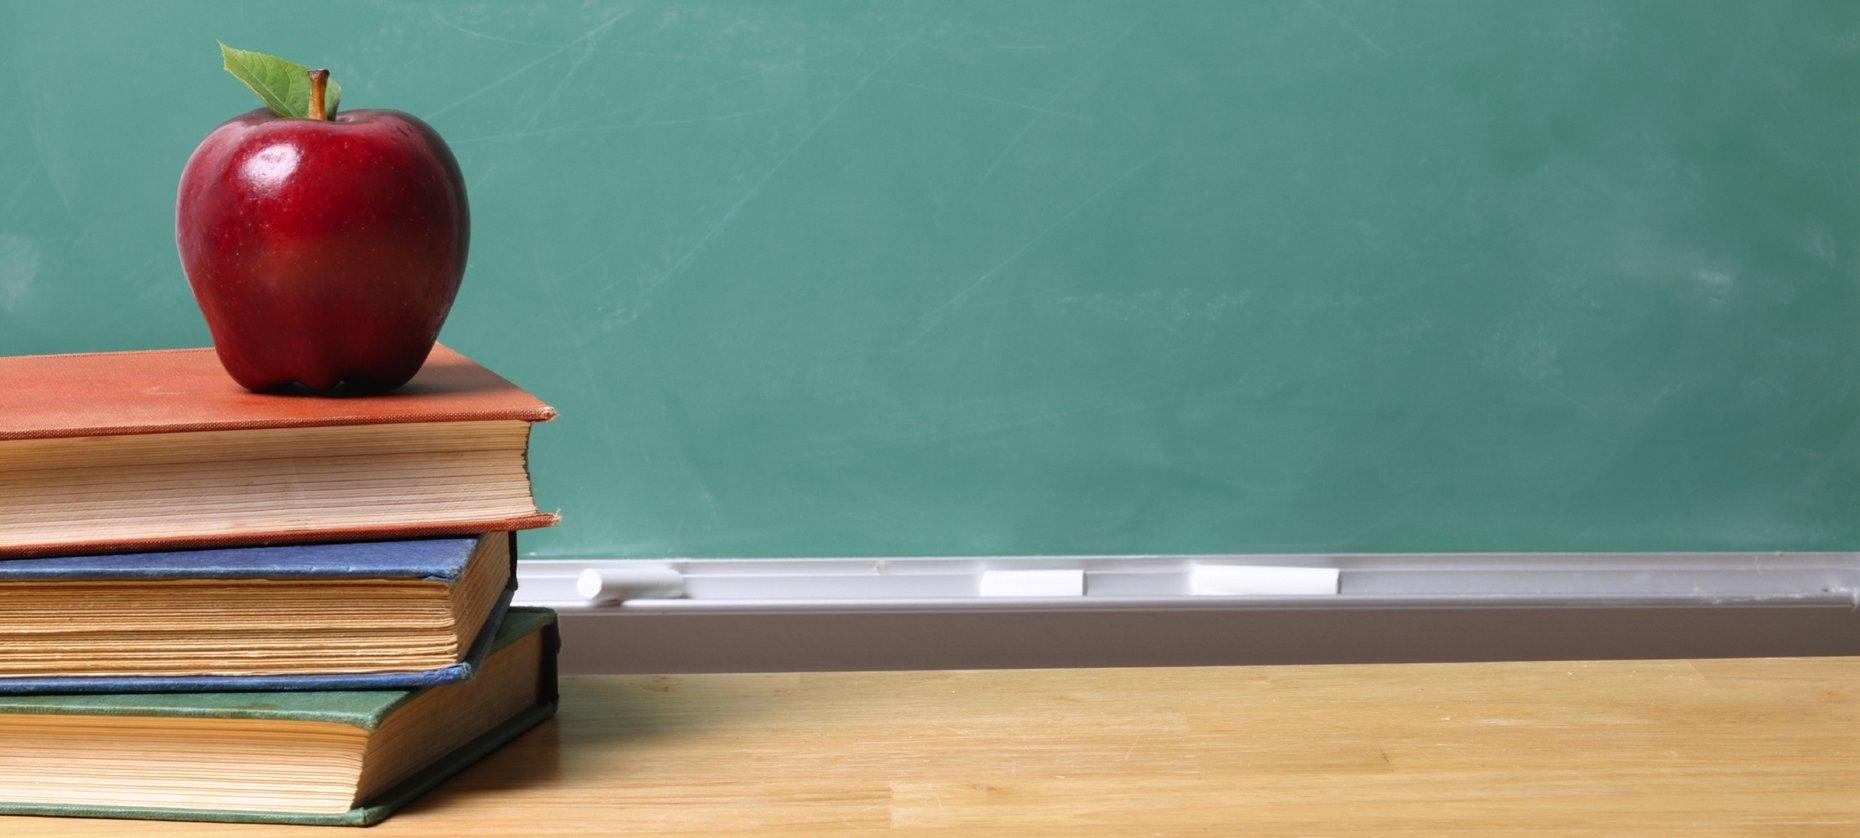 50 Frases Para Homenagem Ao Dia Do Professor Em 15 De Outubro